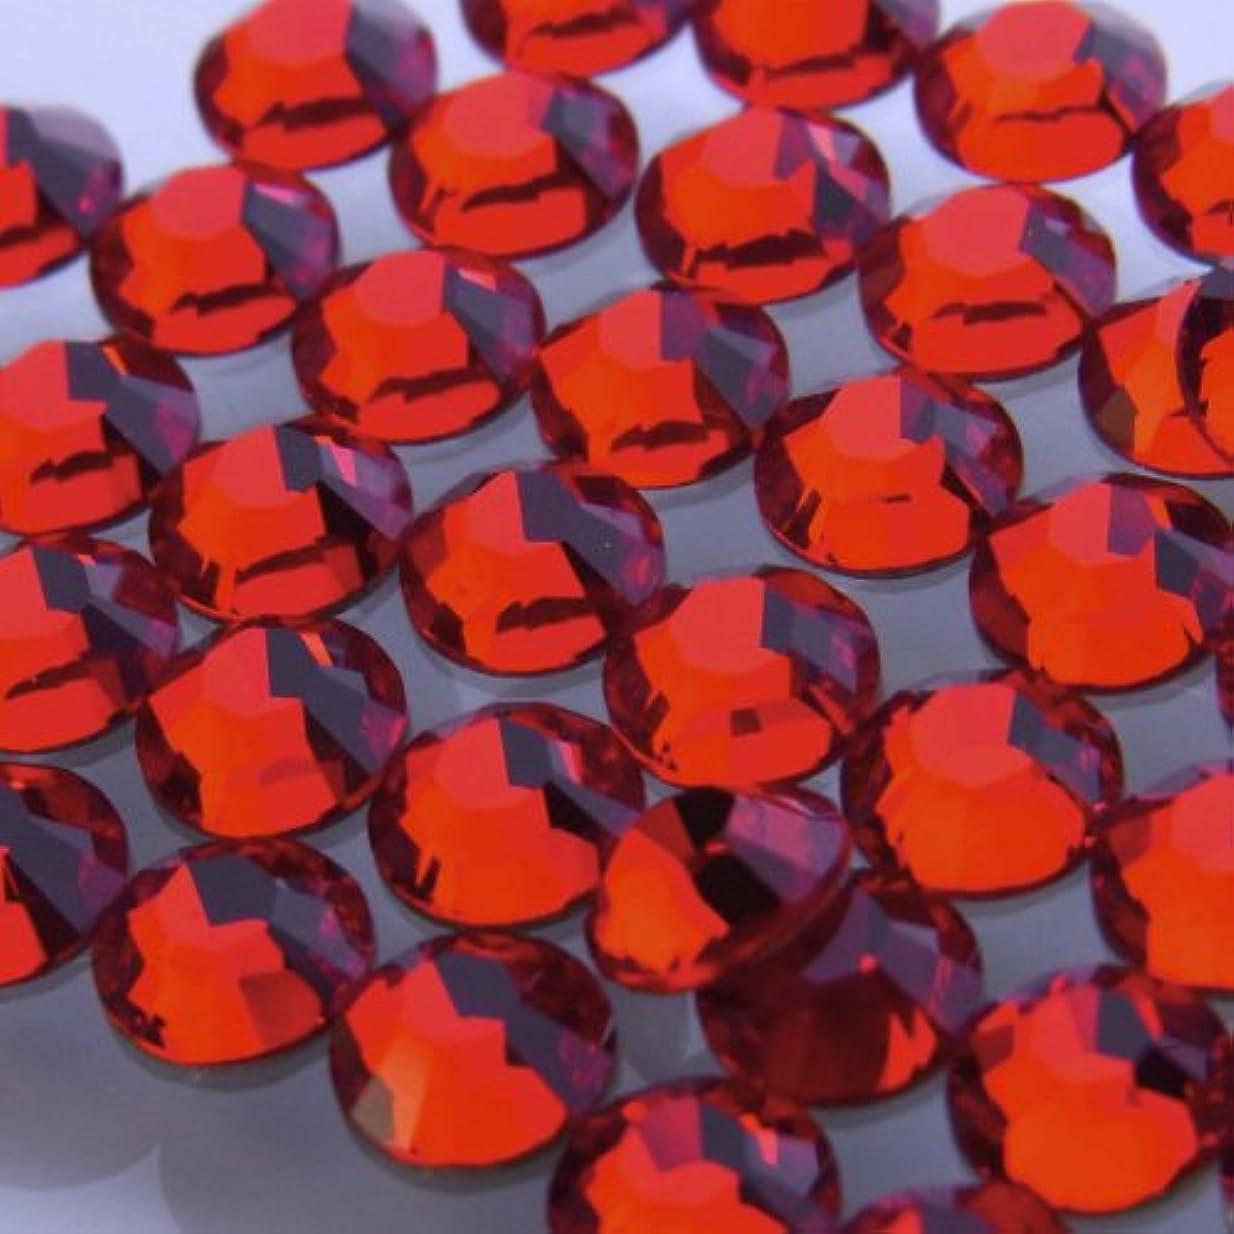 湿地アミューズのHotfixライトシャムss6(100粒入り)スワロフスキーラインストーンホットフィックス